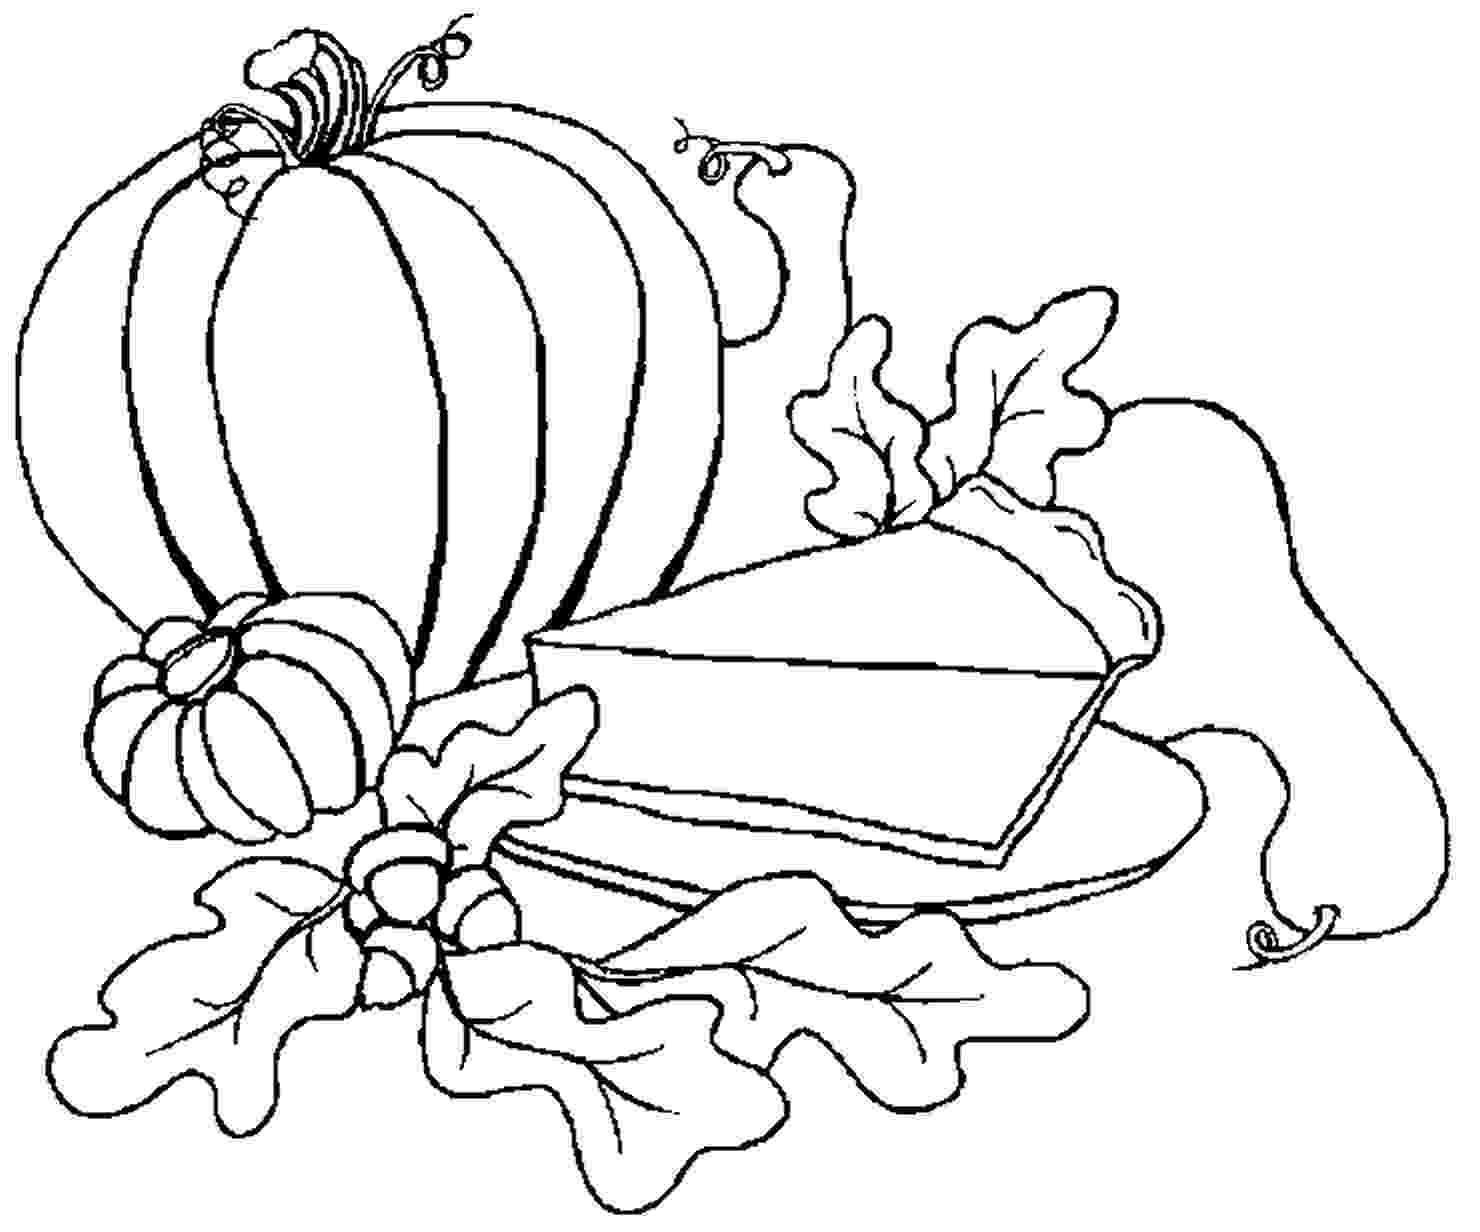 coloring book pumpkin free printable pumpkin coloring pages for kids cool2bkids pumpkin coloring book